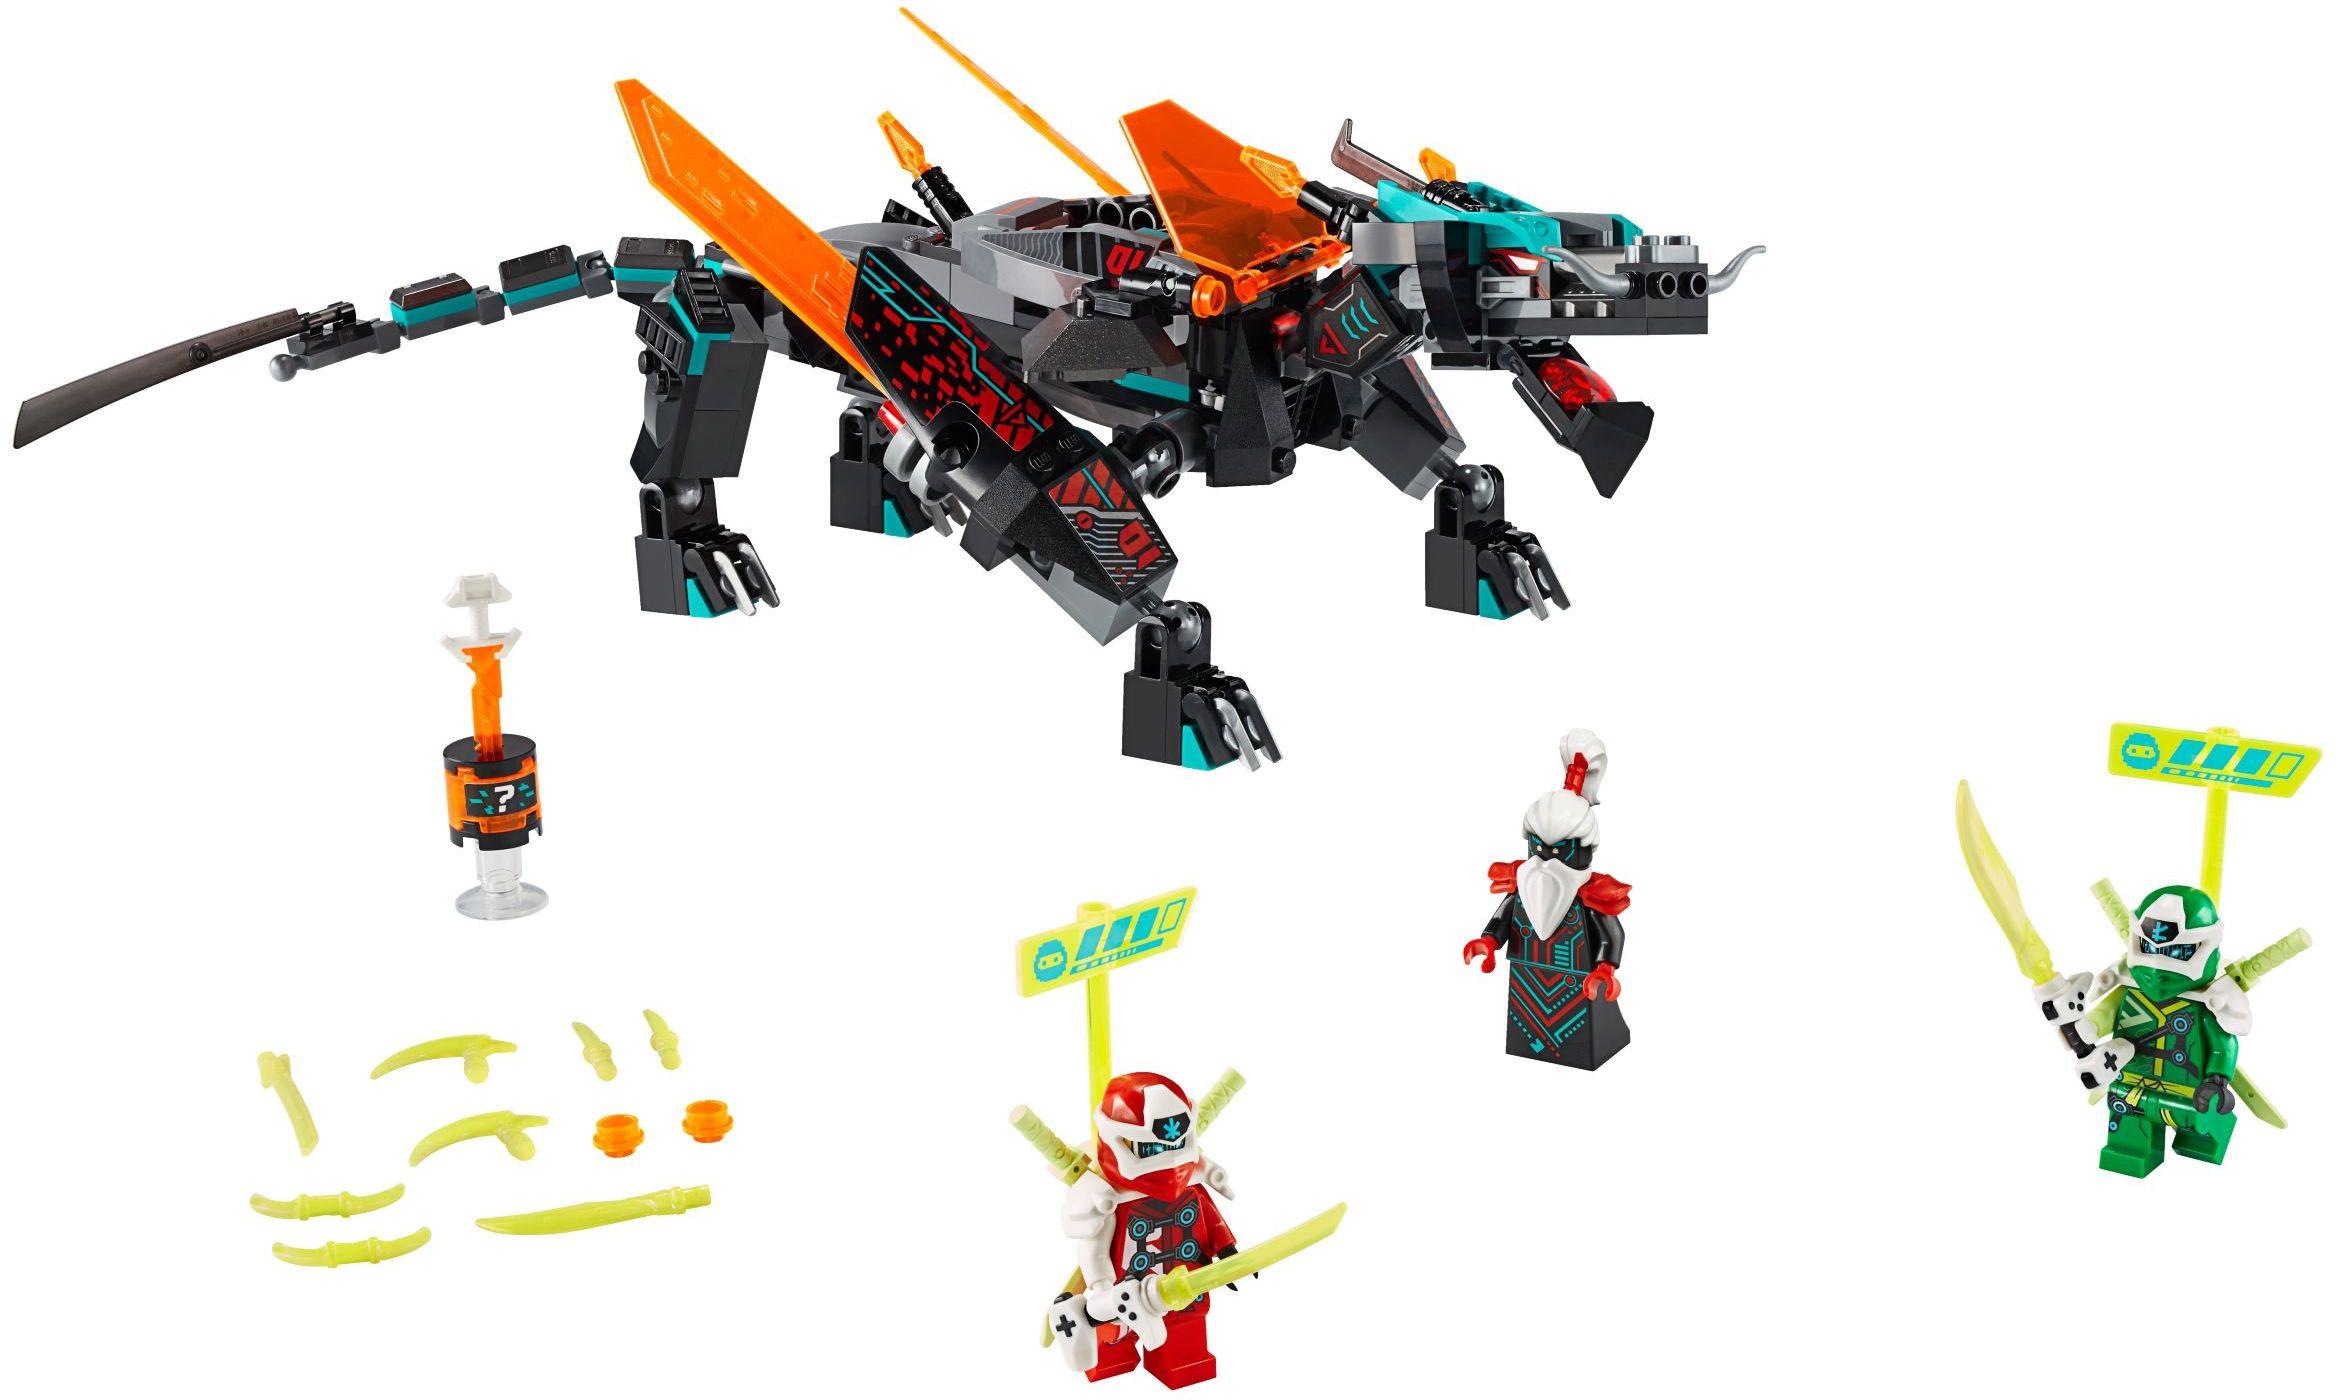 Ninjago | 2020 | Brickset: LEGO set guide and database